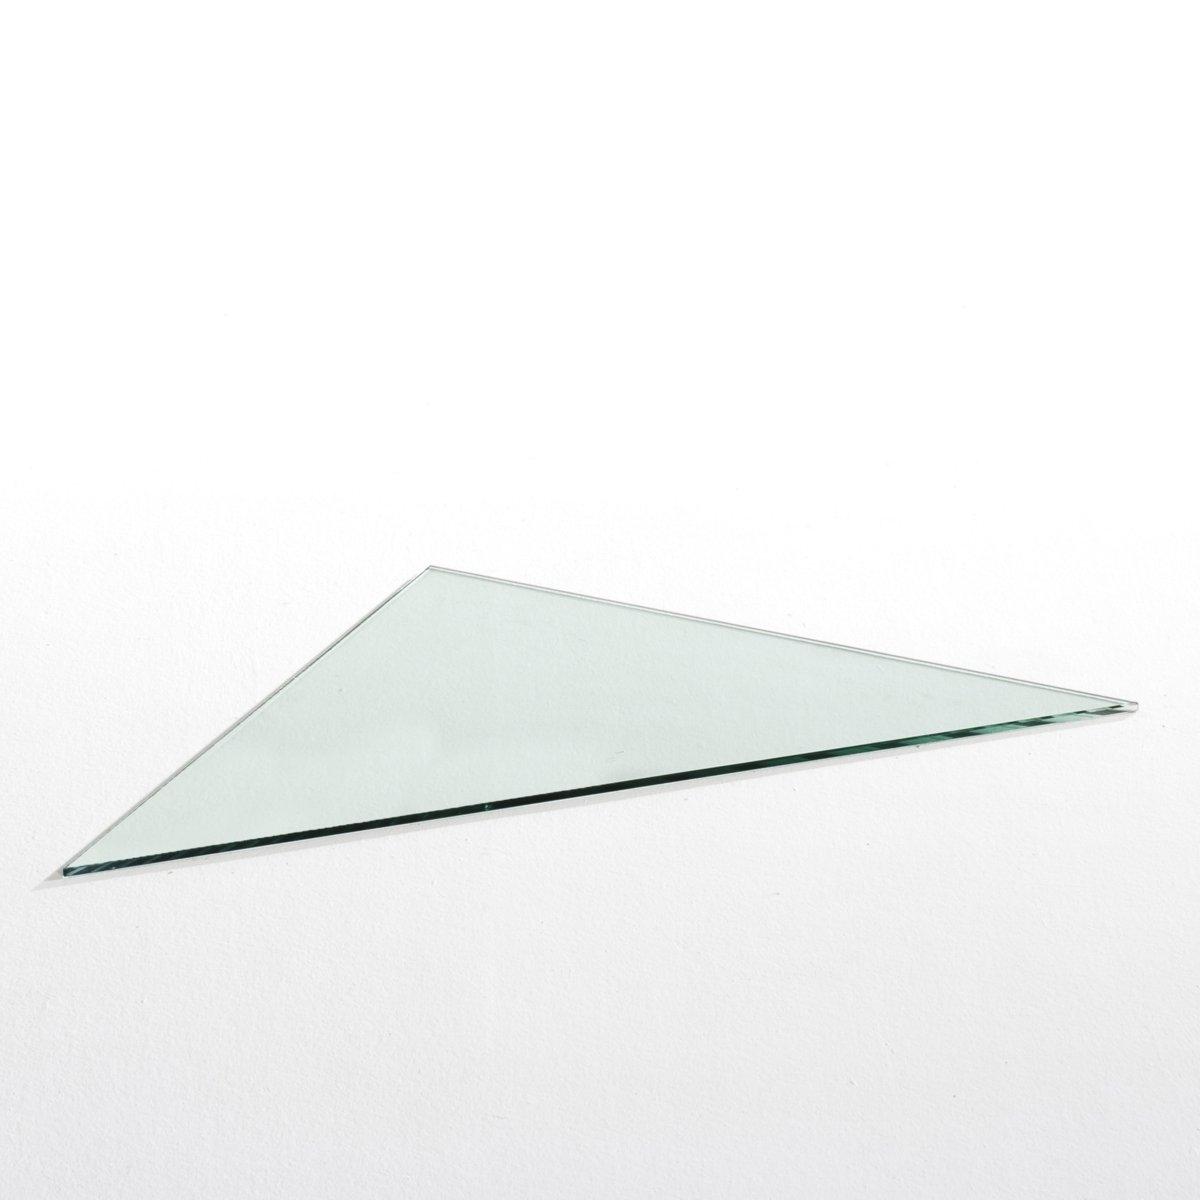 Столешница для углового стола из закаленного стекла, FagdaСтолешница для углового стола из закаленного стекла, Fagda. Используйте ее с соответствующей подставкой (также в продаже на нашем сайте), - этот угловой стол легко поместится даже в небольшом кабинете! Характеристики столешницы из закаленного стекла Fagda:Выполнена из закаленного стекла.Продается в комплекте с прокладками с вакуумным присосом.Другие предметы мебели из коллекции Fagda на сайте laredoute.ru  Размеры столешницы из закаленного стекла Fagda:80 x 80 см.Толщ. 10 мм.Размеры и вес посылки:1 посылка88,5 x 88,5 x 65 см12 кгДоставка:Данная модель стола требует самостоятельной сборки. Доставка осуществляется до квартиры по предварительной договоренности!Внимание! Убедитесь в том, что посылку возможно доставить на дом, учитывая ее габариты.<br><br>Цвет: прозрачный<br>Размер: единый размер